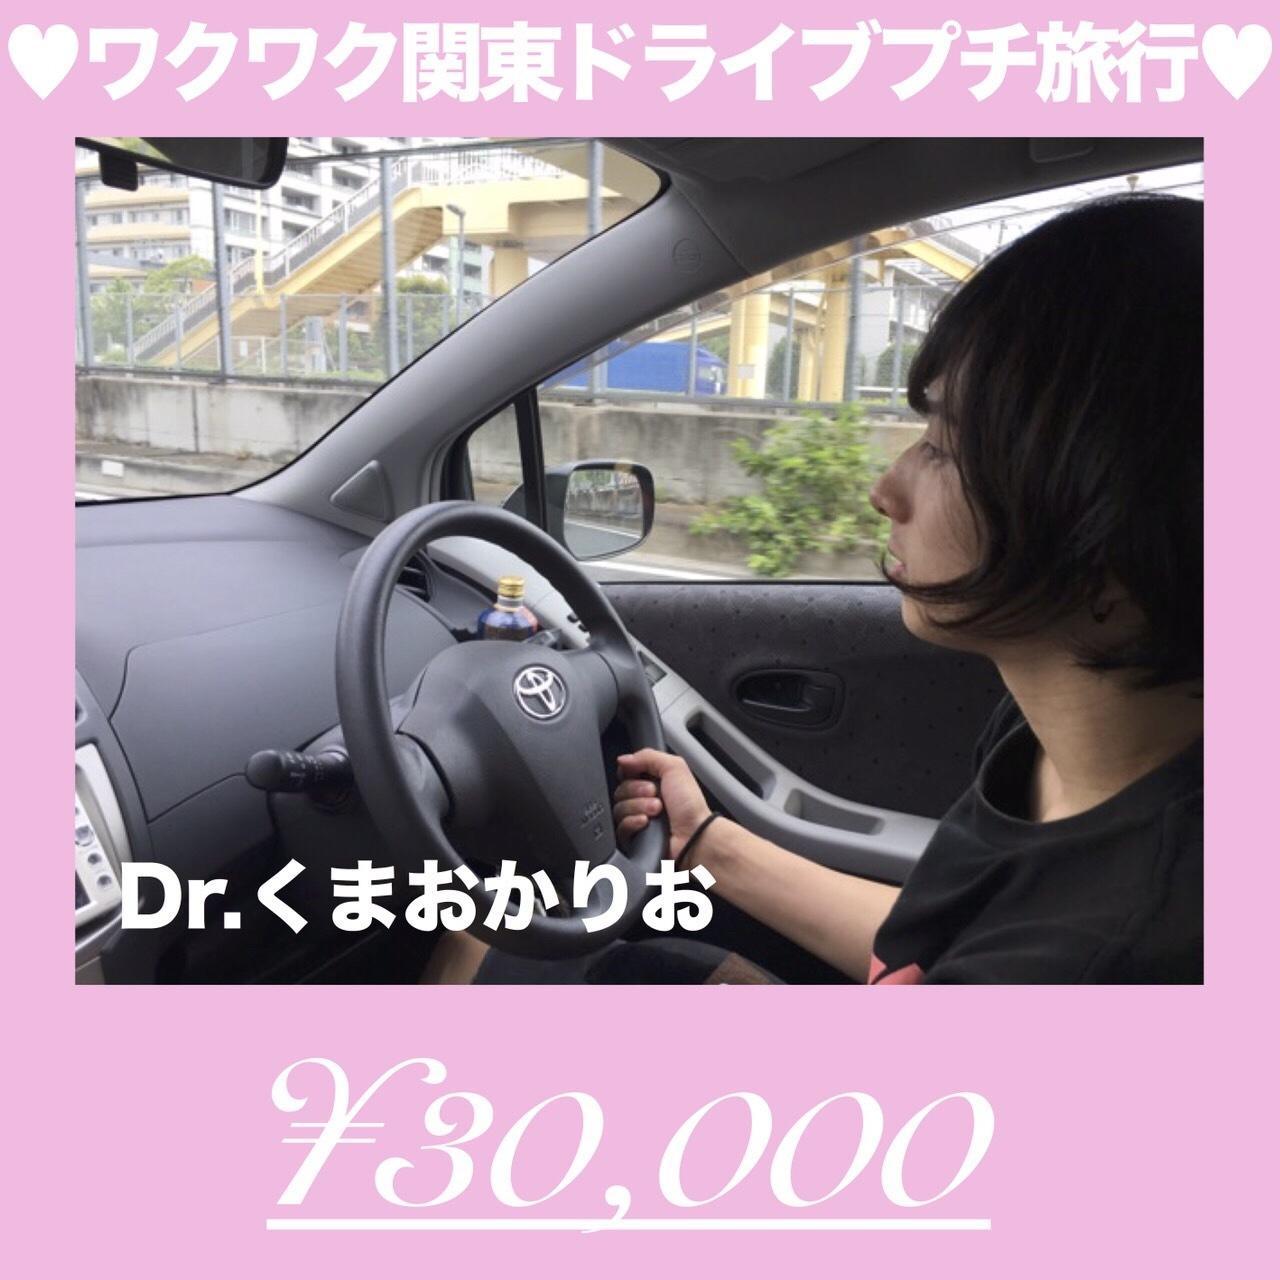 【ドラム:くまおかりおと行く、ワクワク関東ドライブプチ旅行プラン】